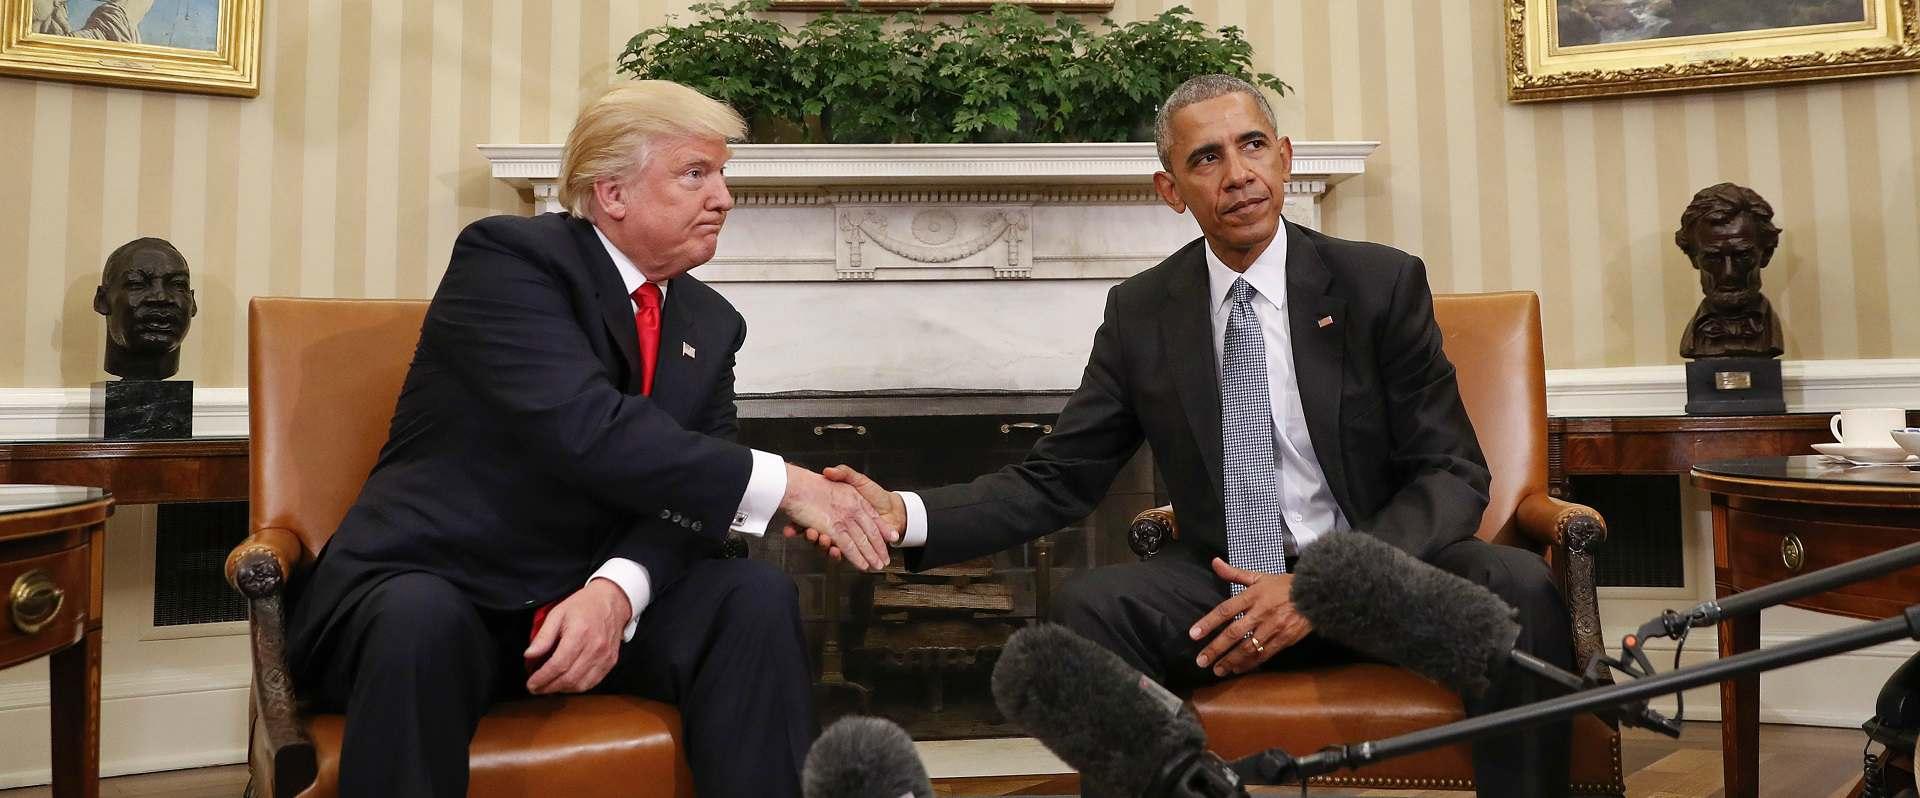 אובמה וטראמפ בפגישתם בנובמבר 2016